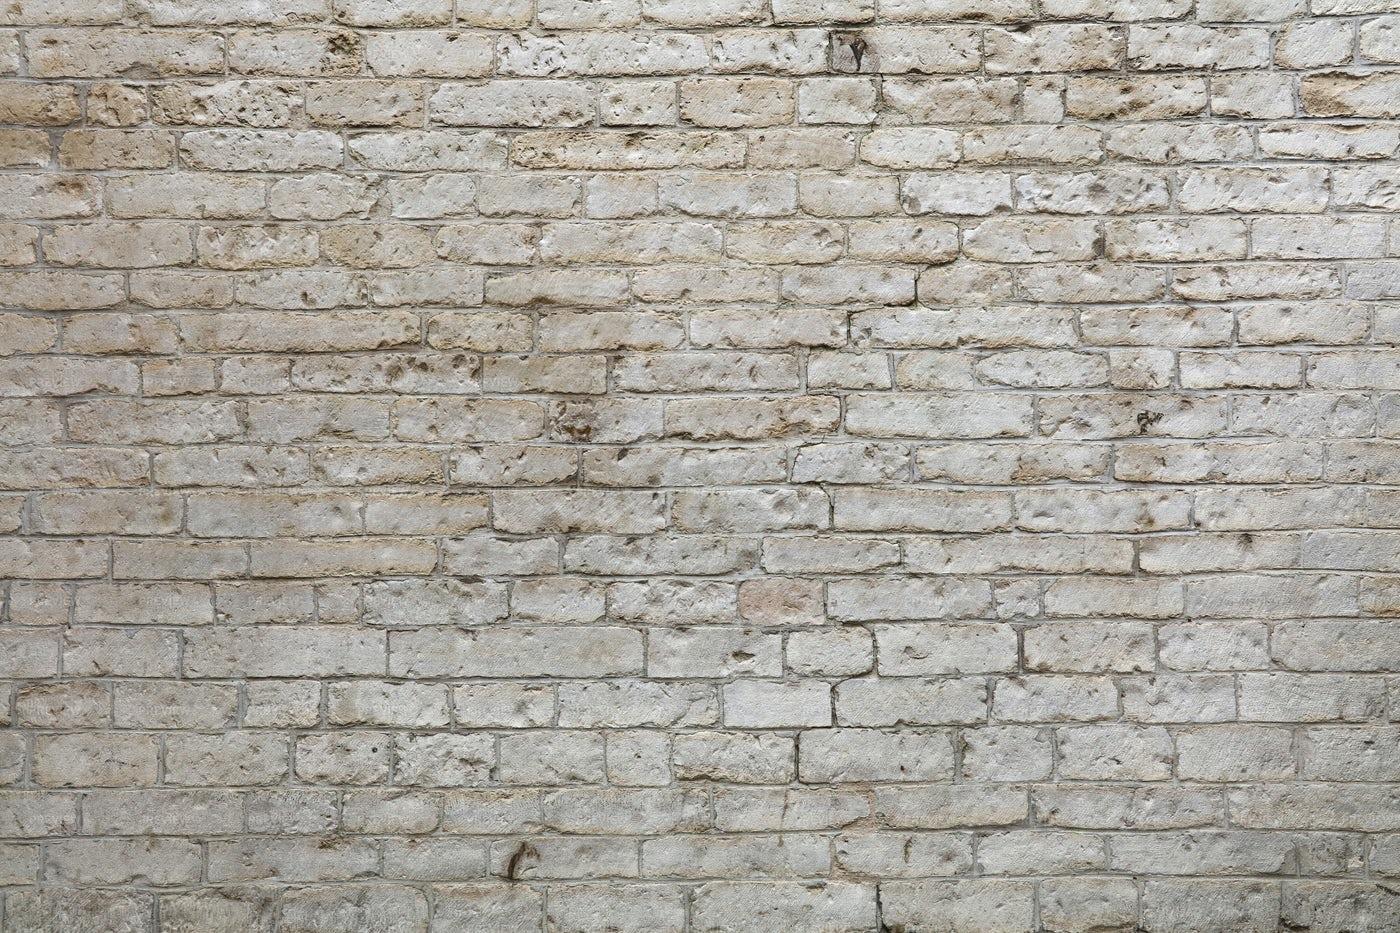 Wall Of White Stone: Stock Photos